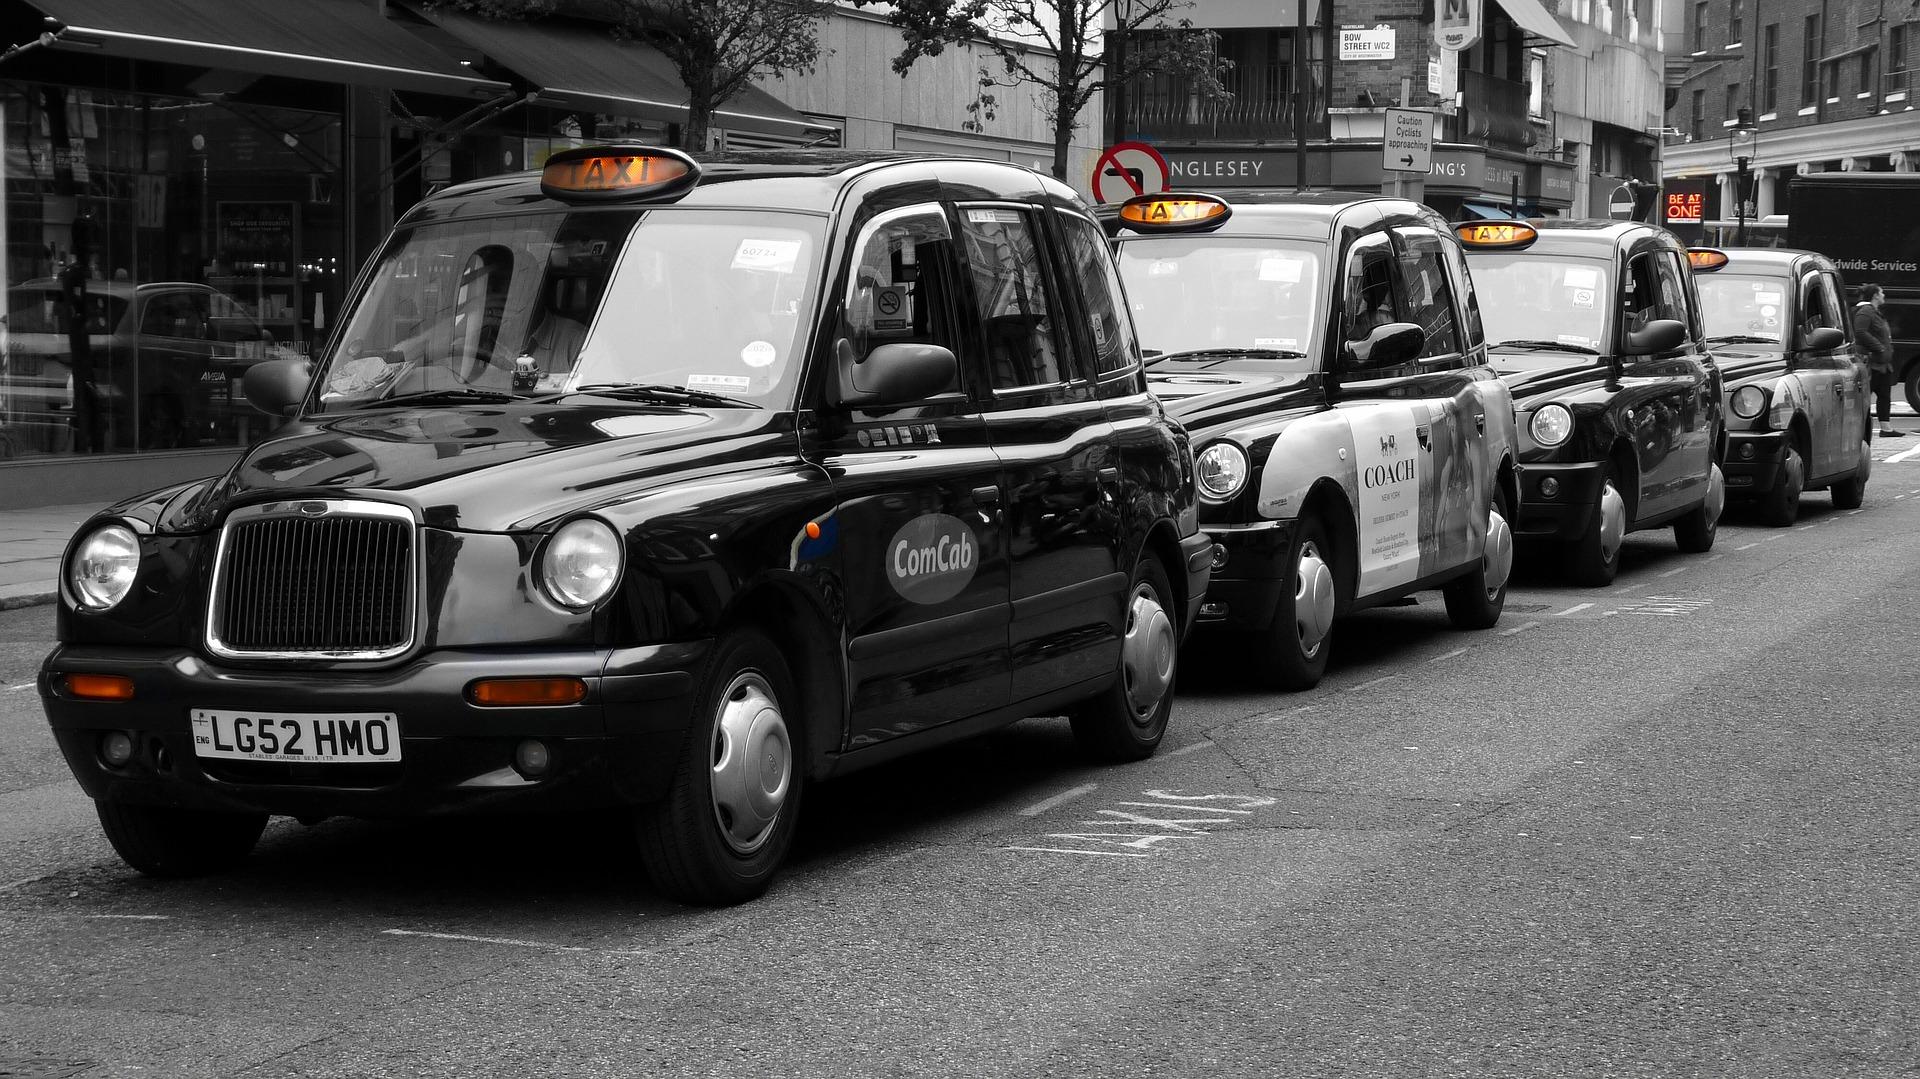 Taxifahren kann datenschutrechtliche Relevanz haben, wenn man den Fahrpreis nicht bezahlt ...